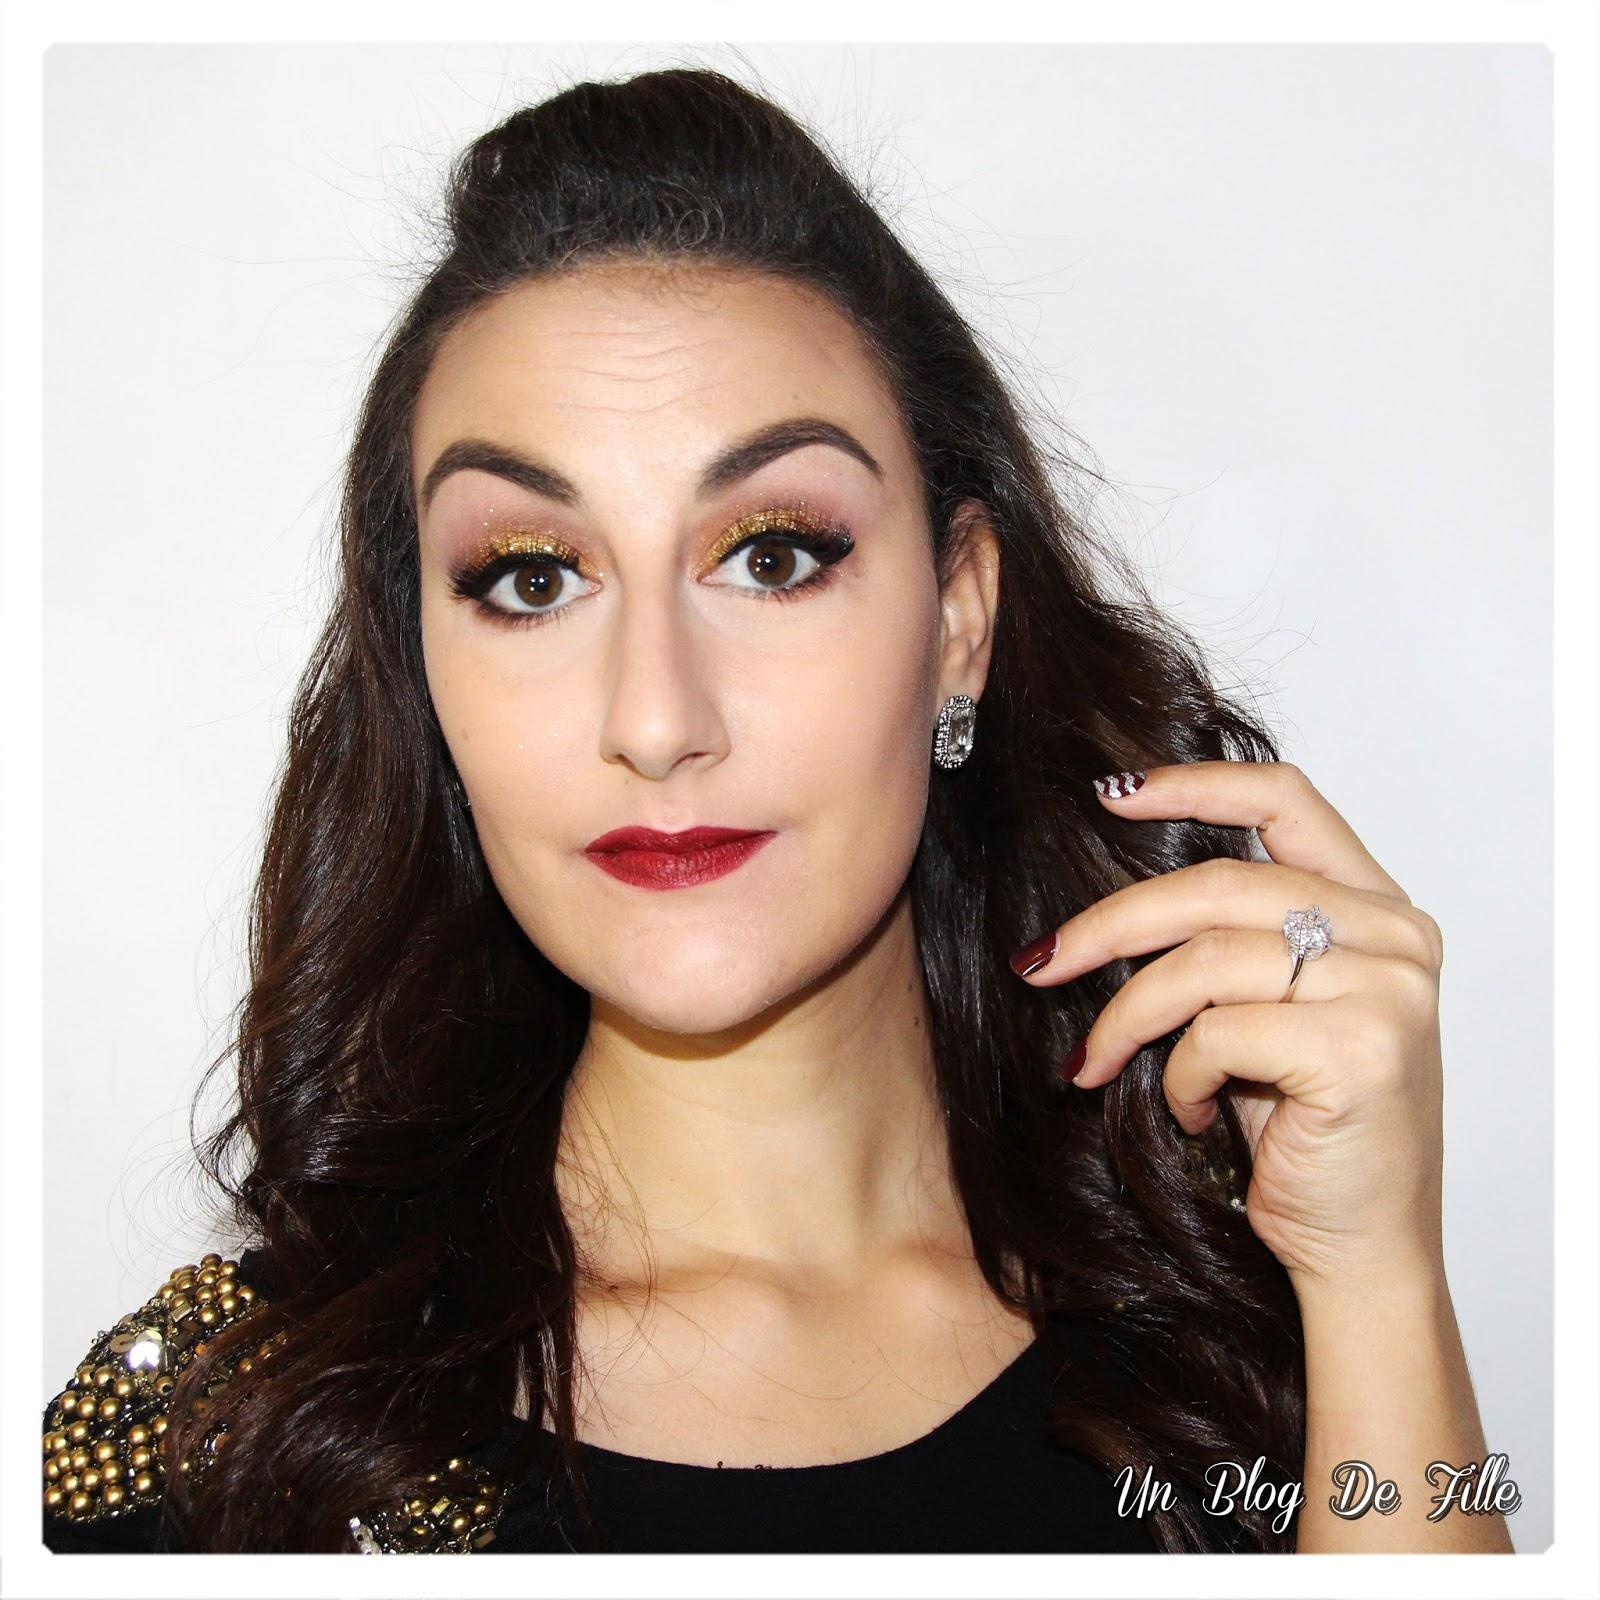 http://unblogdefille.blogspot.fr/2017/12/maquillage-de-fete-bordeaux-et-dore-msc.html